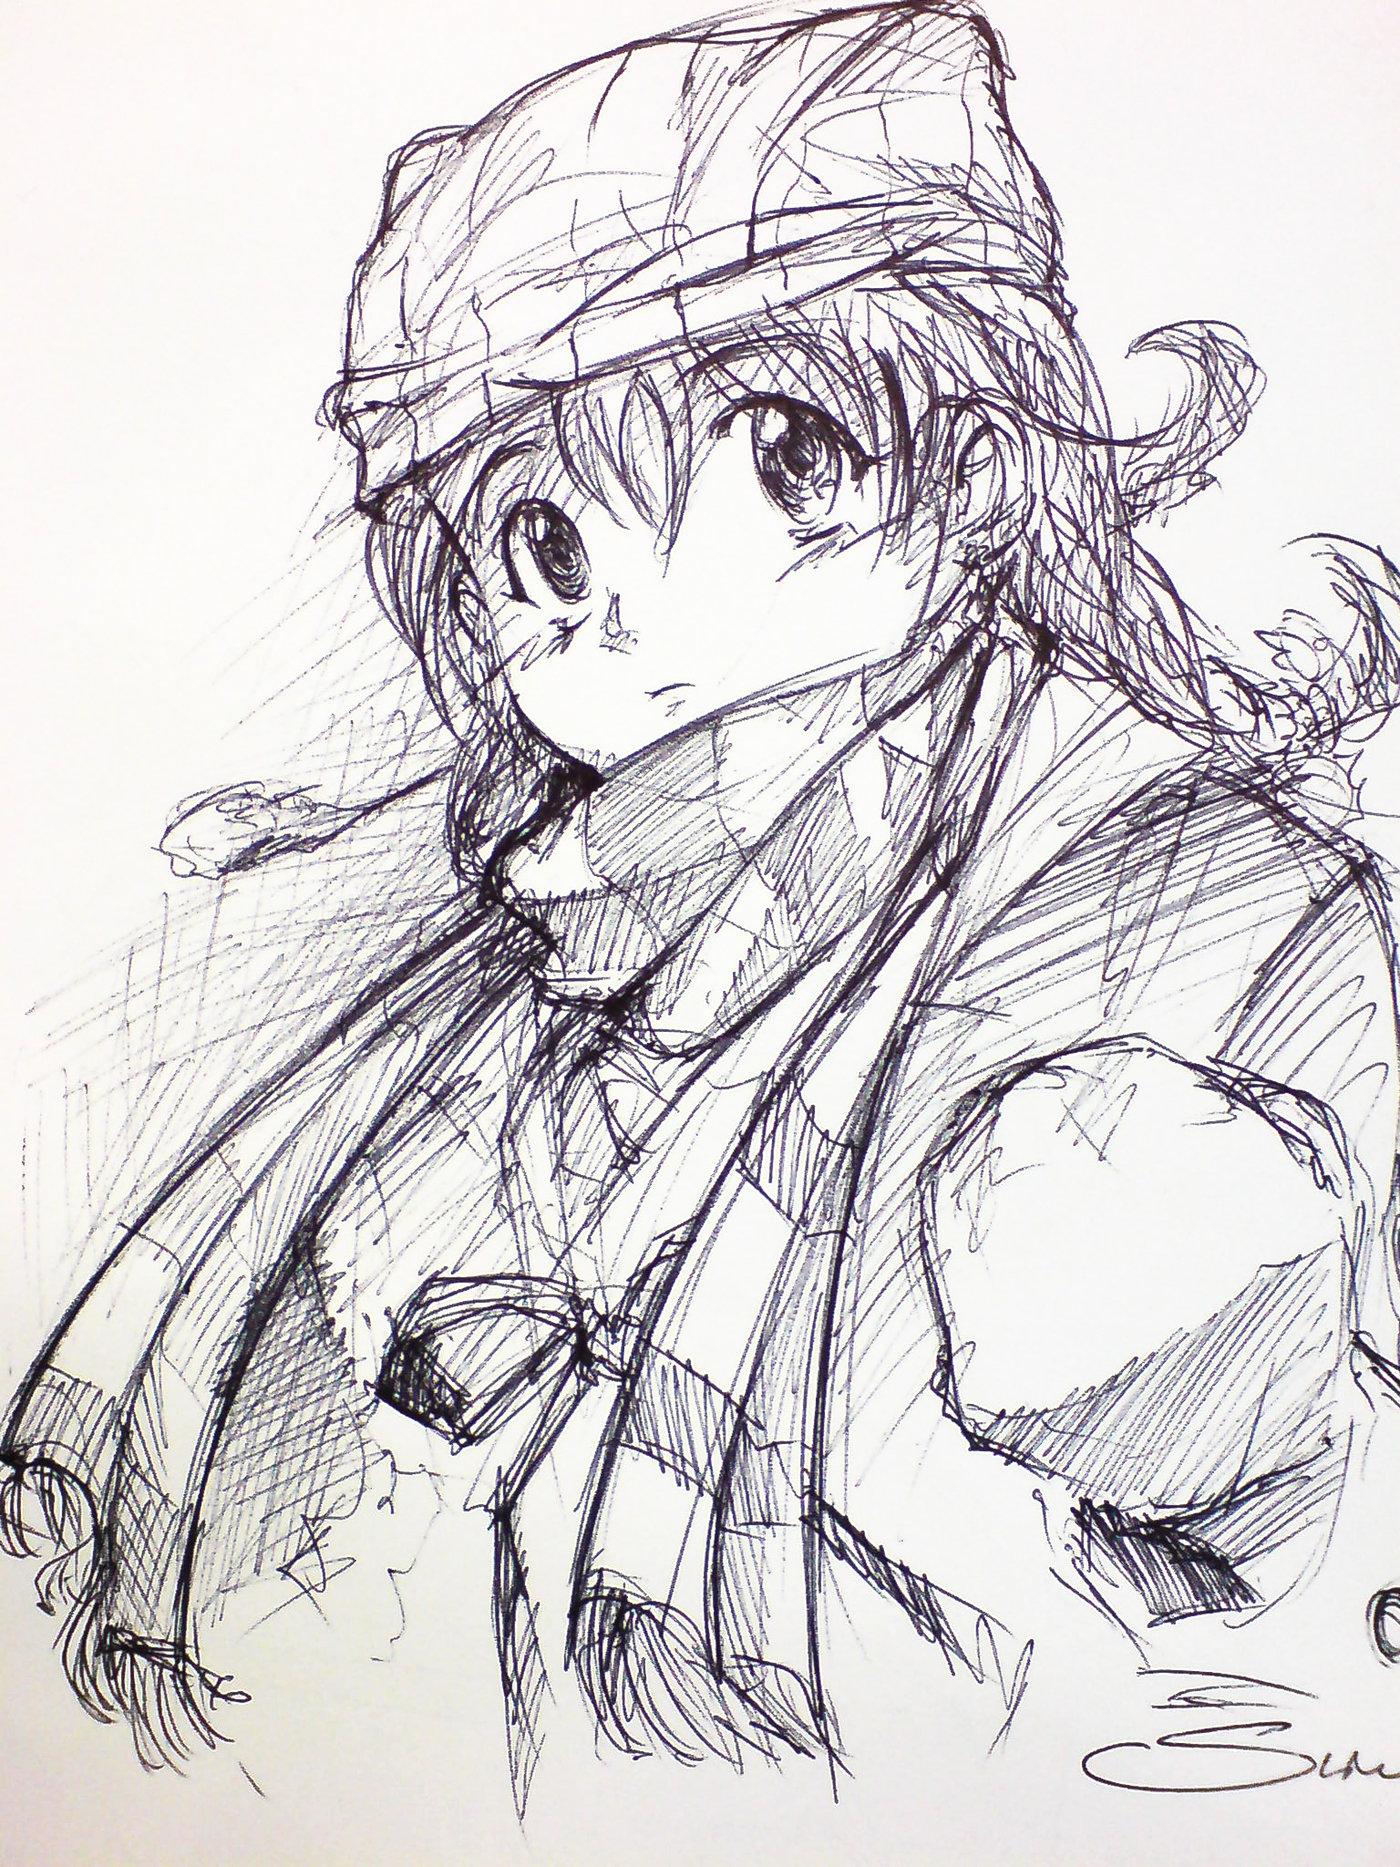 Drawing by tanakorn lertudommungmee at Coroflot com